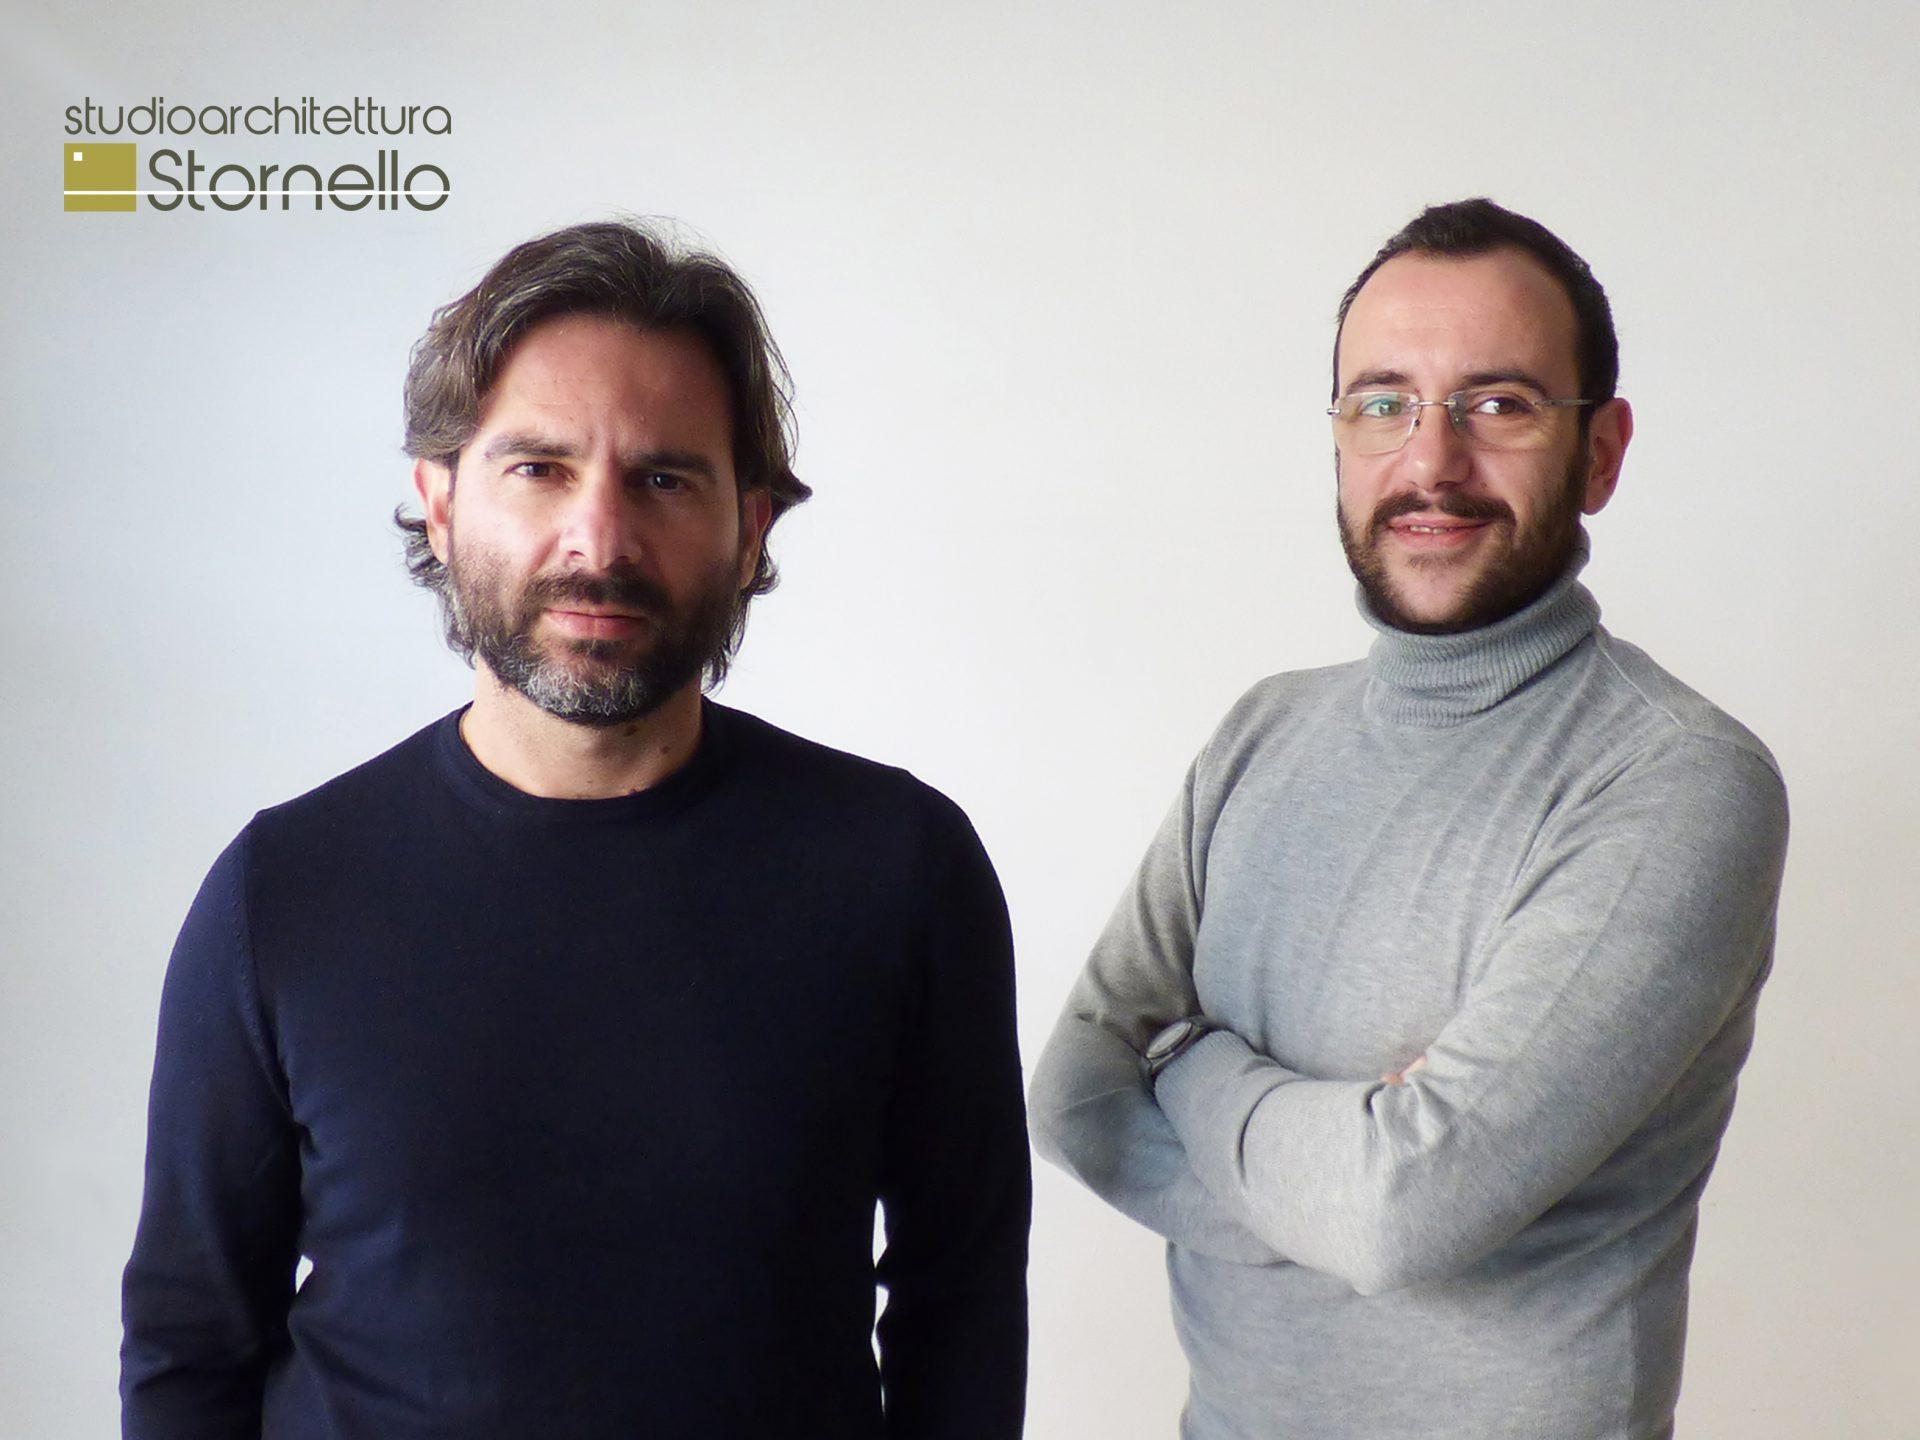 Antonio Stornello e Salvo Fidone